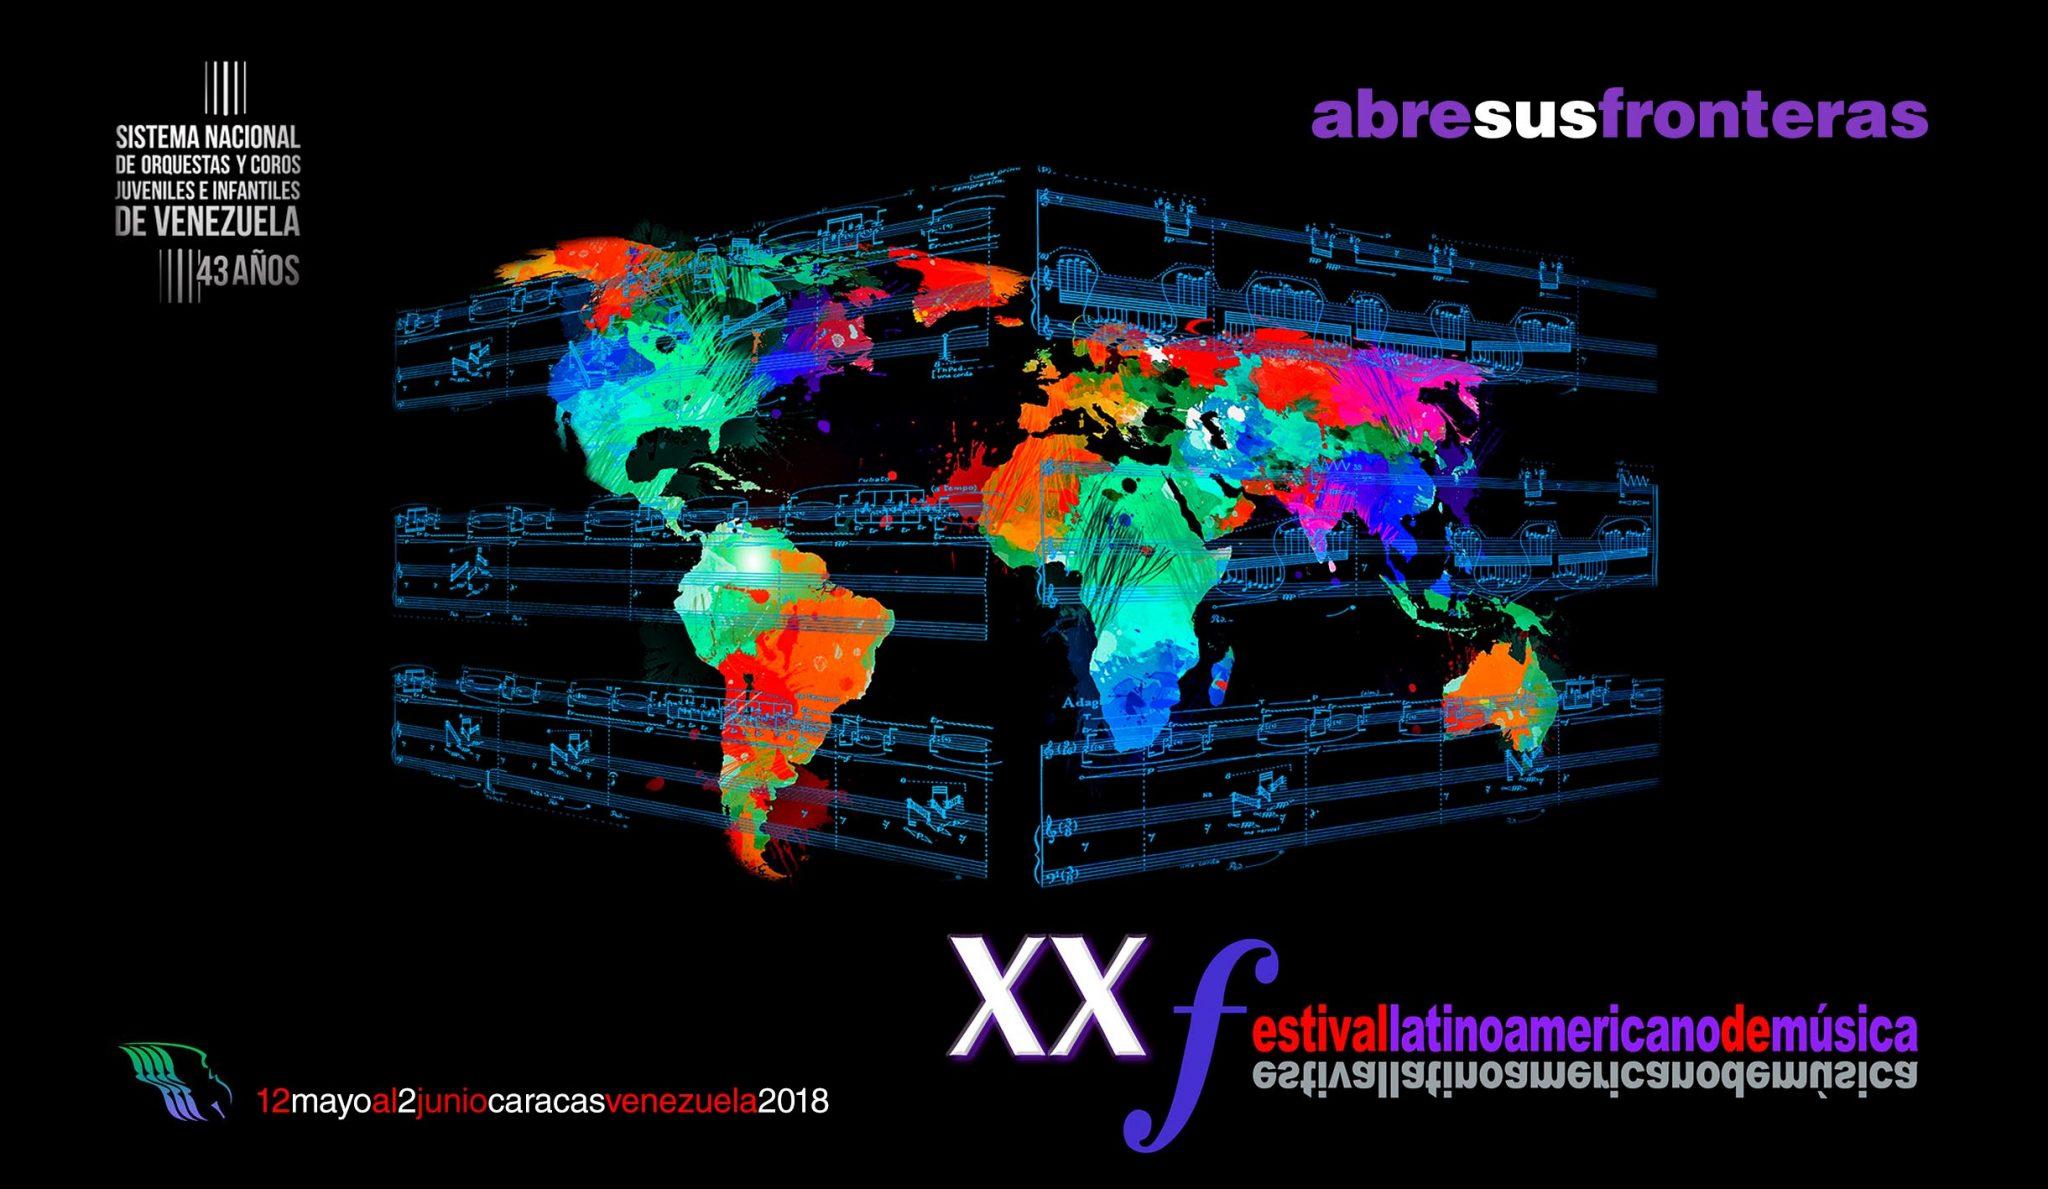 Ricardo Teruel realizará ponencia sobre los Programas Libres y Gratuitos como medios expresivos